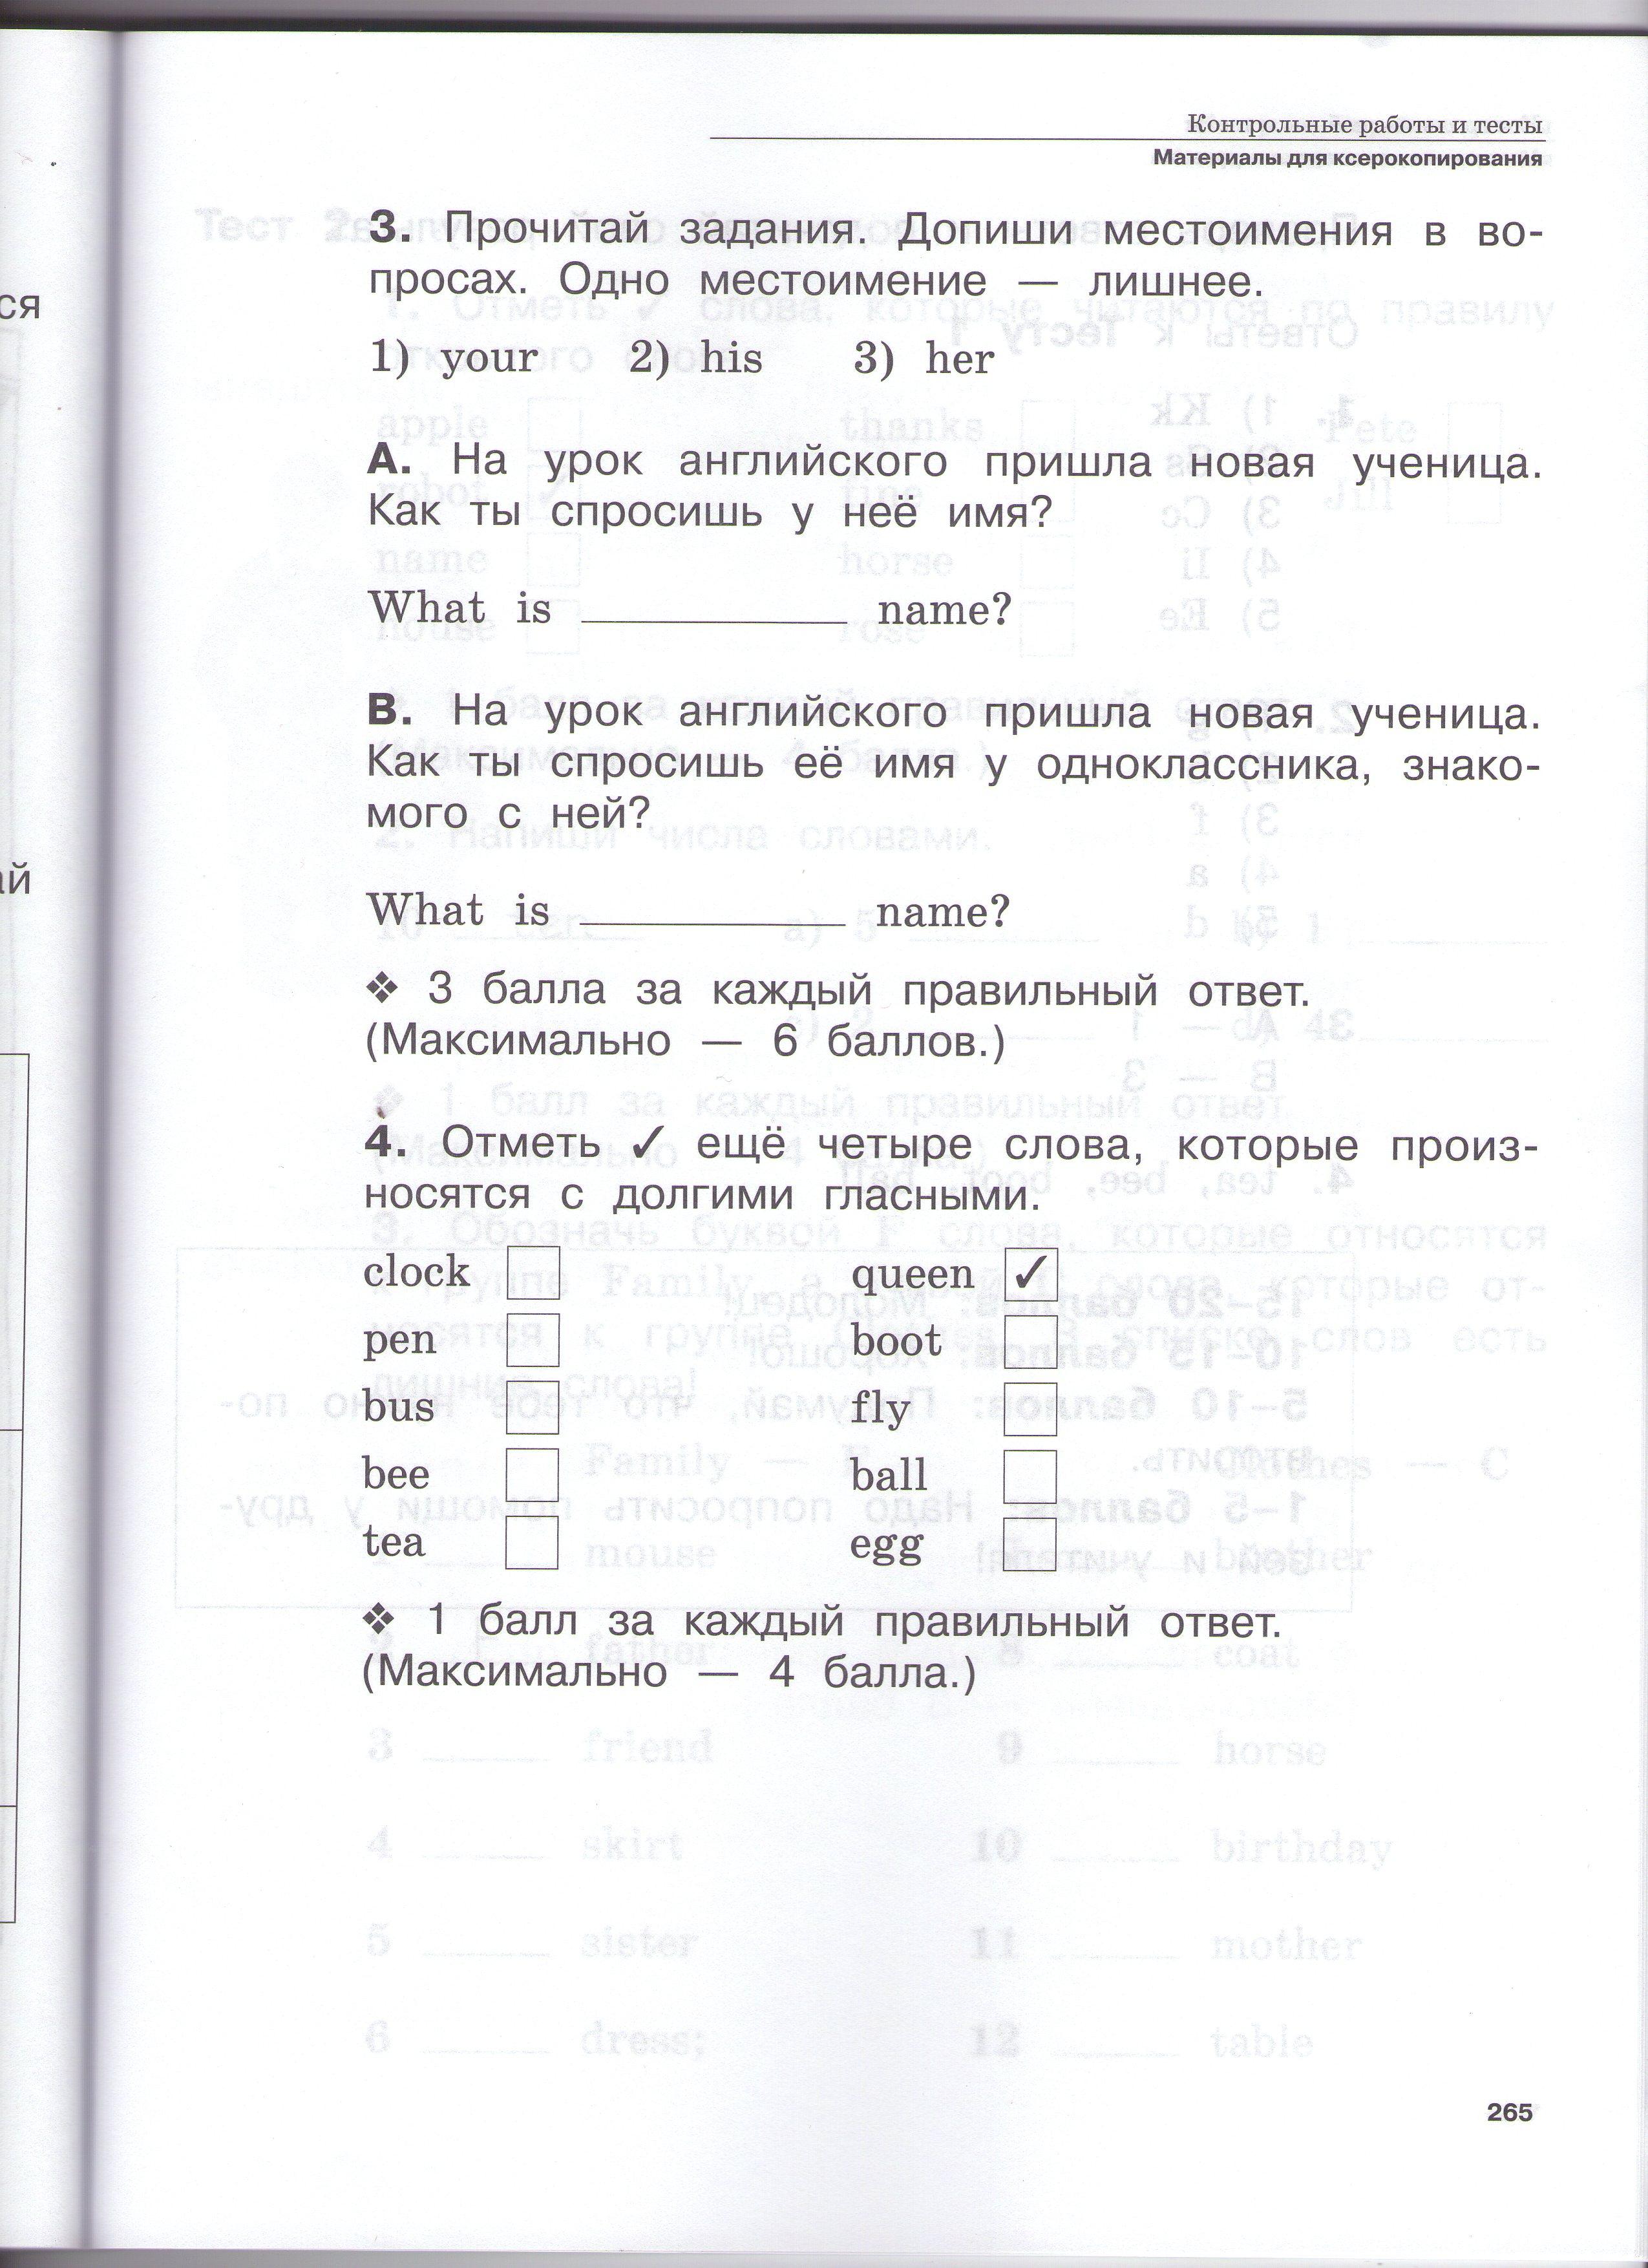 Вербицкая программа кружка по фгос английского 2 4 класс